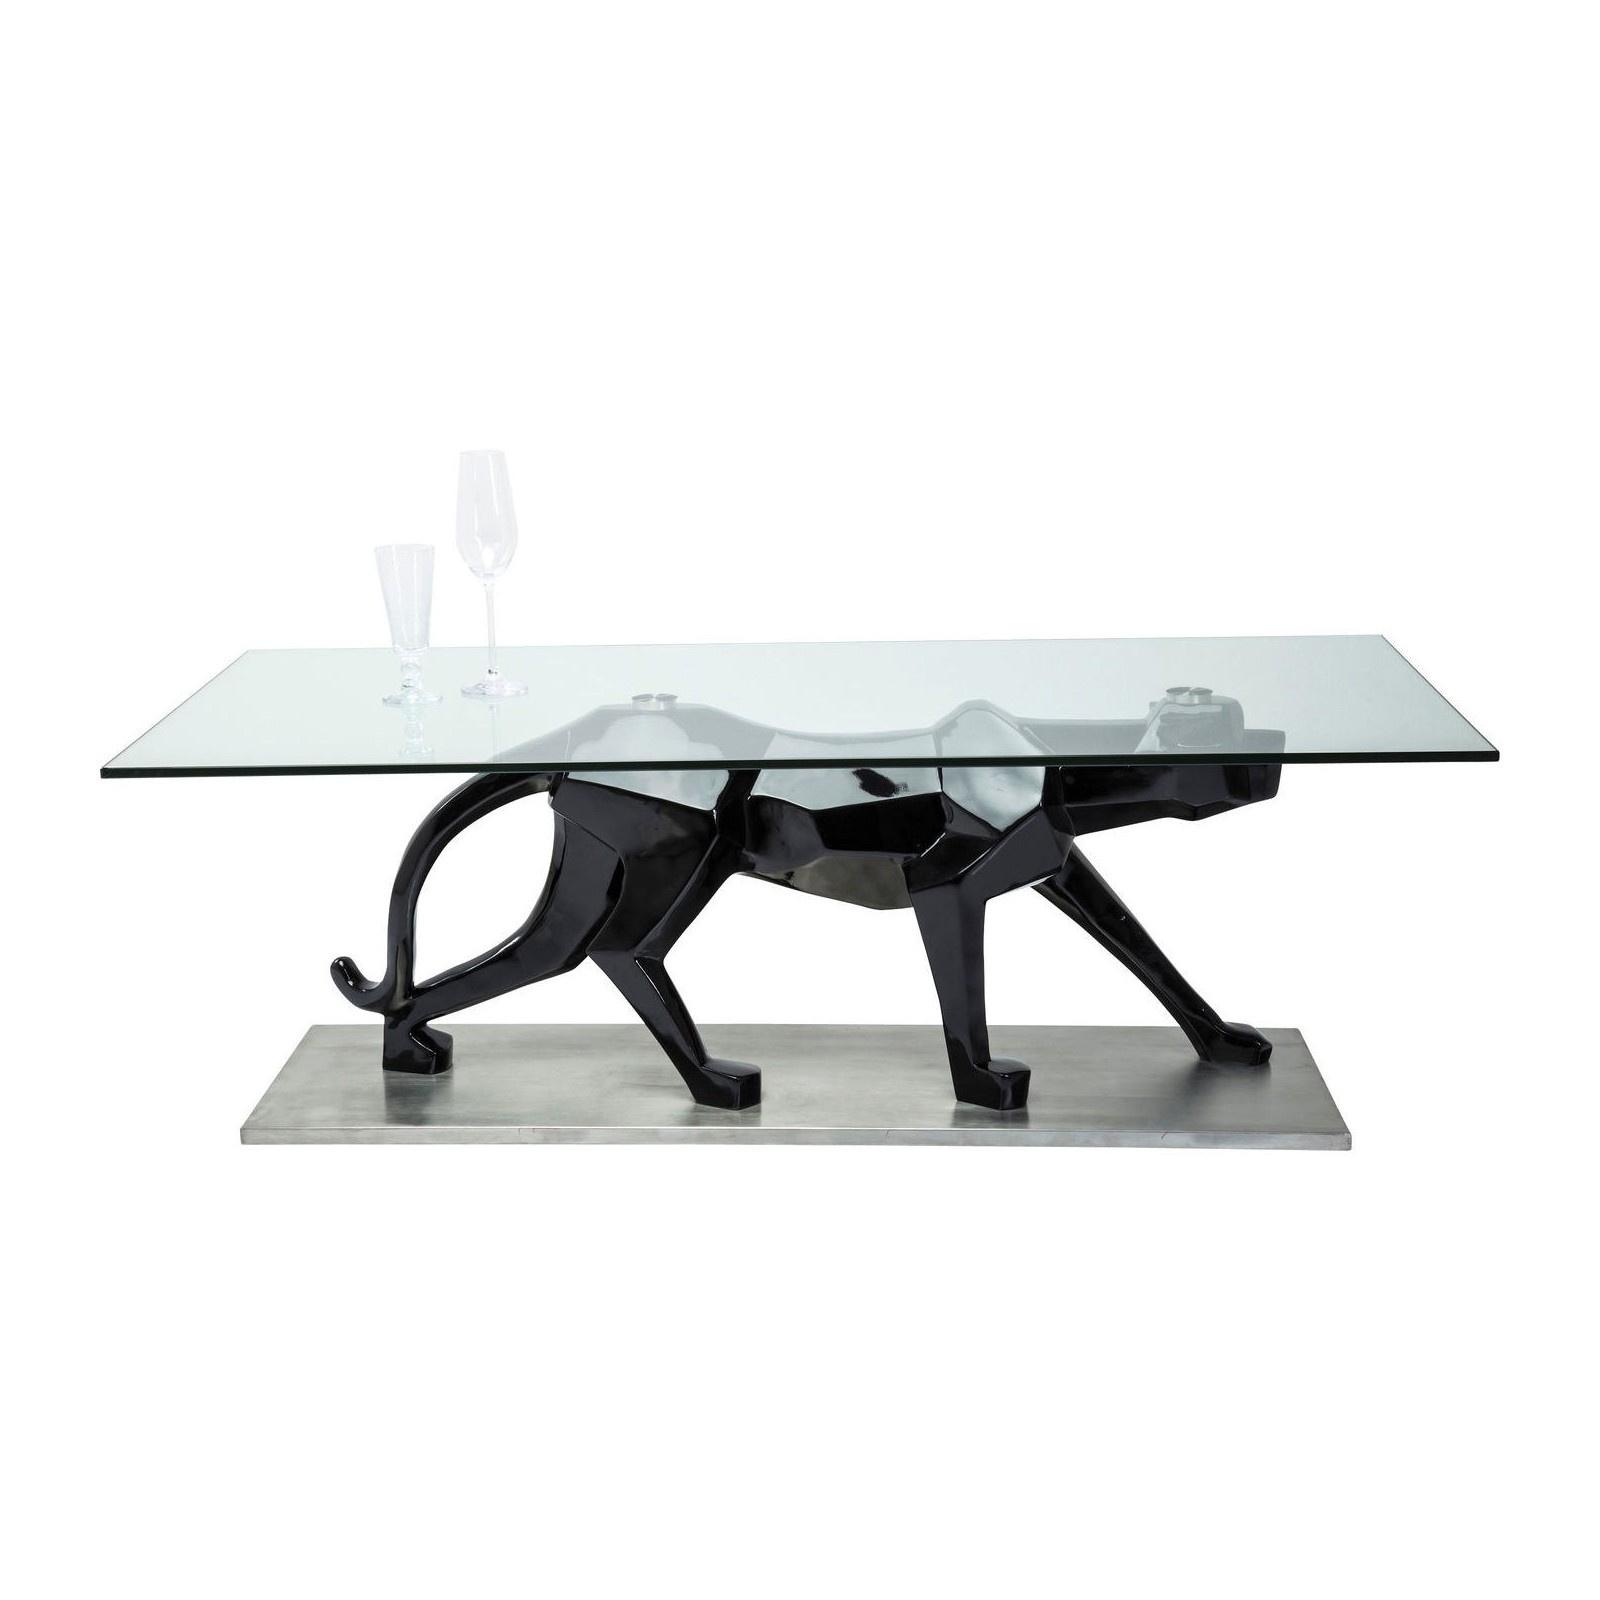 table basse design ubaldi mobilier design d coration d. Black Bedroom Furniture Sets. Home Design Ideas